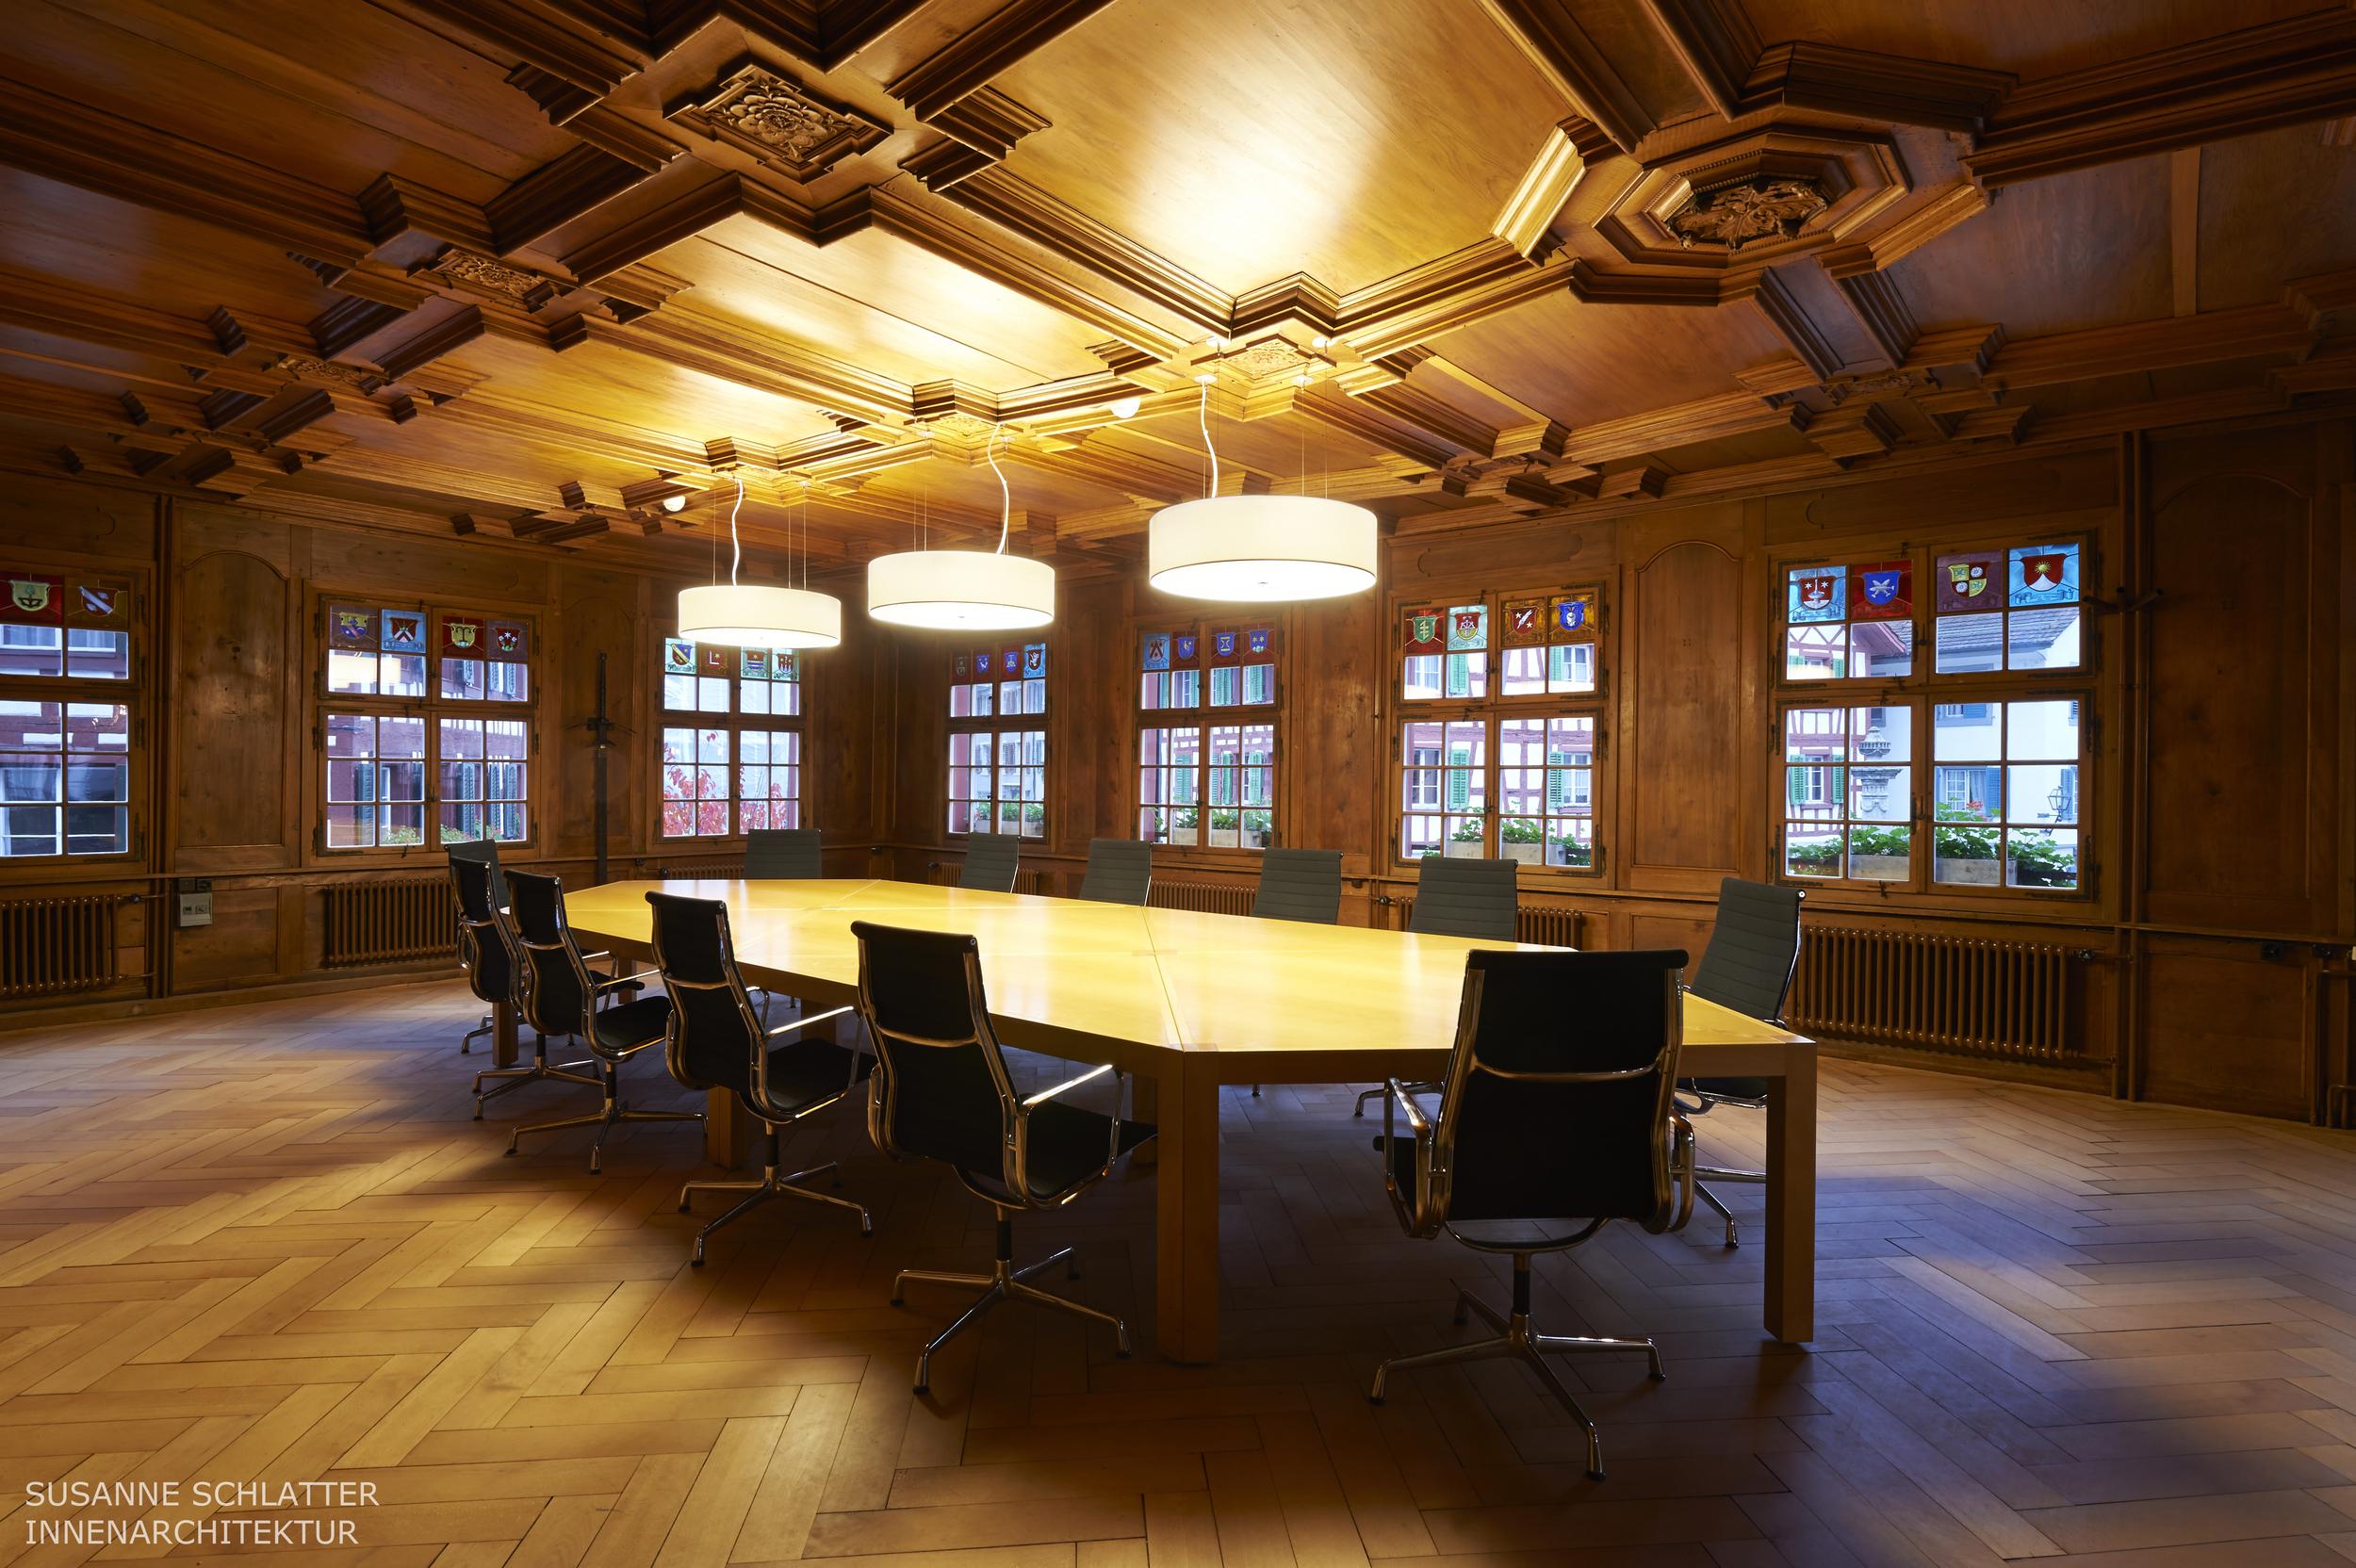 Lichtkonzept für den Konferenzbereich.